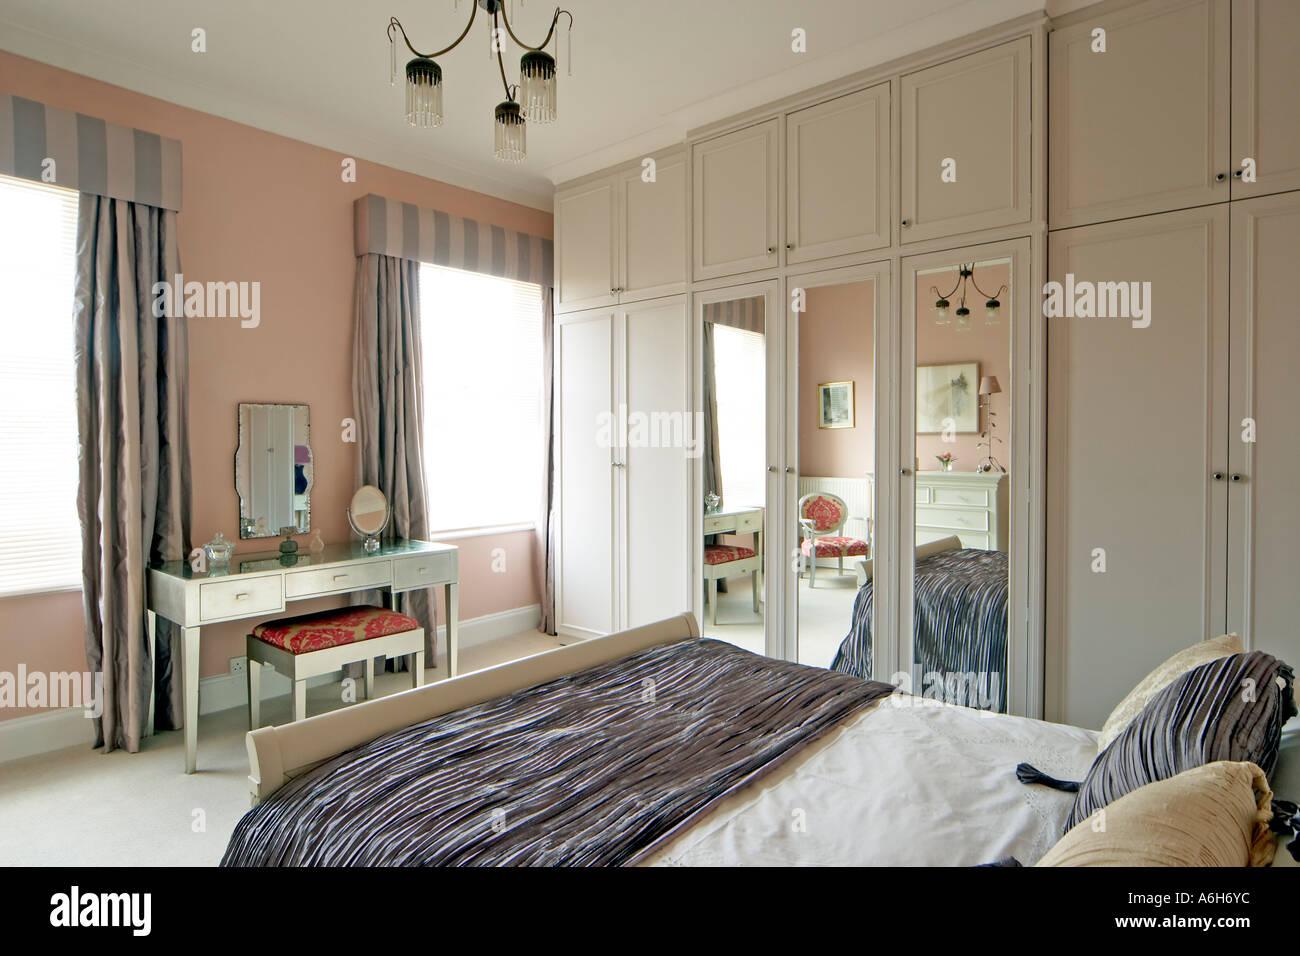 Camera da letto con letto Armadi Mobili e uno specchio in London ...